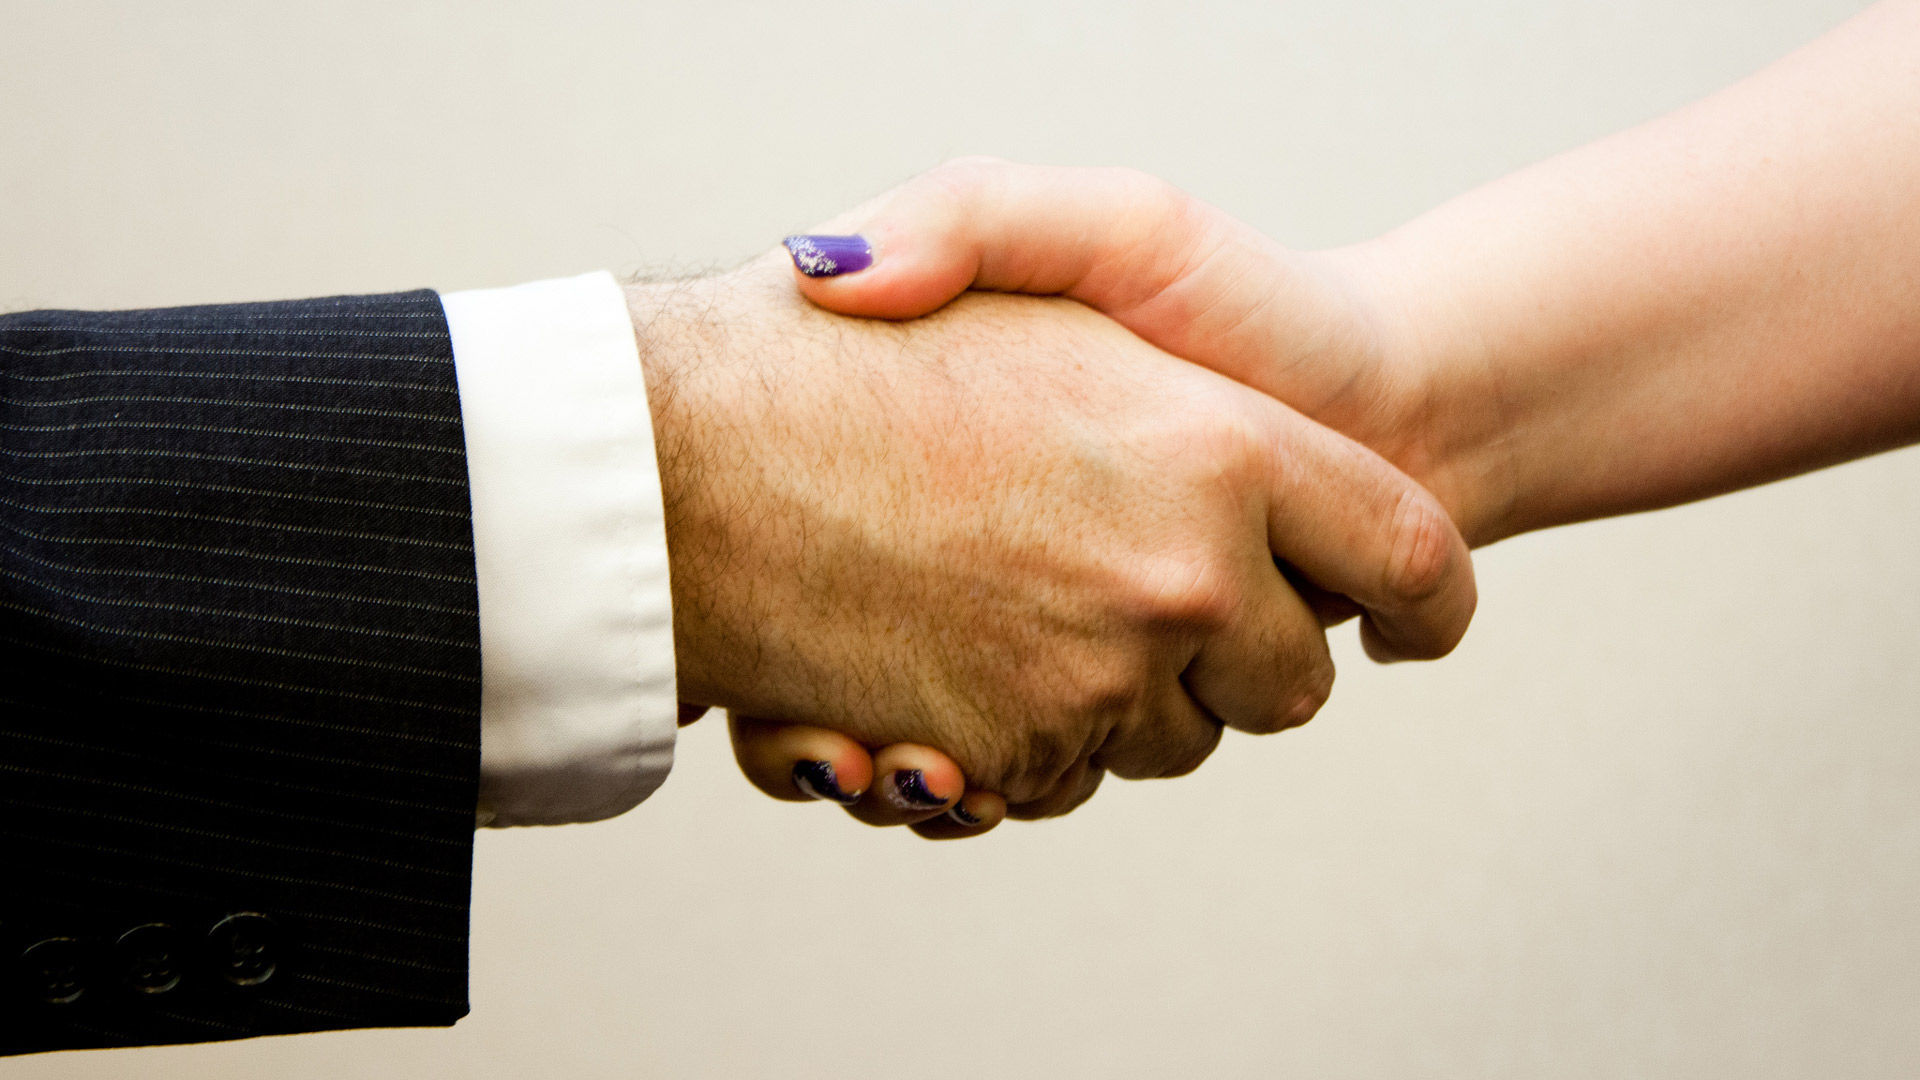 Парень руку жмет при почему знакомстве